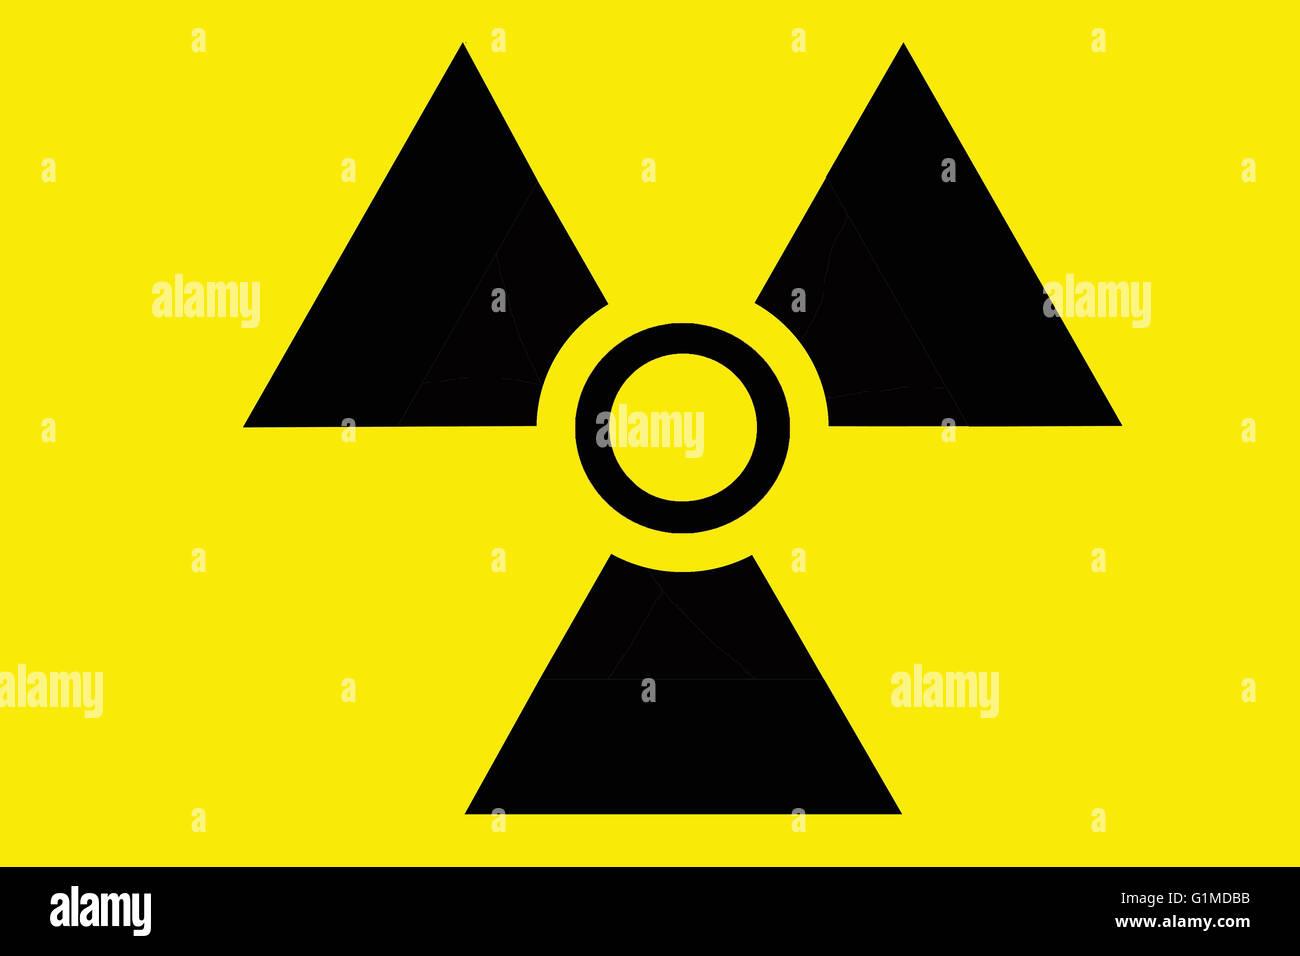 Radiation or radioactivity warning icon or symbol - Stock Image